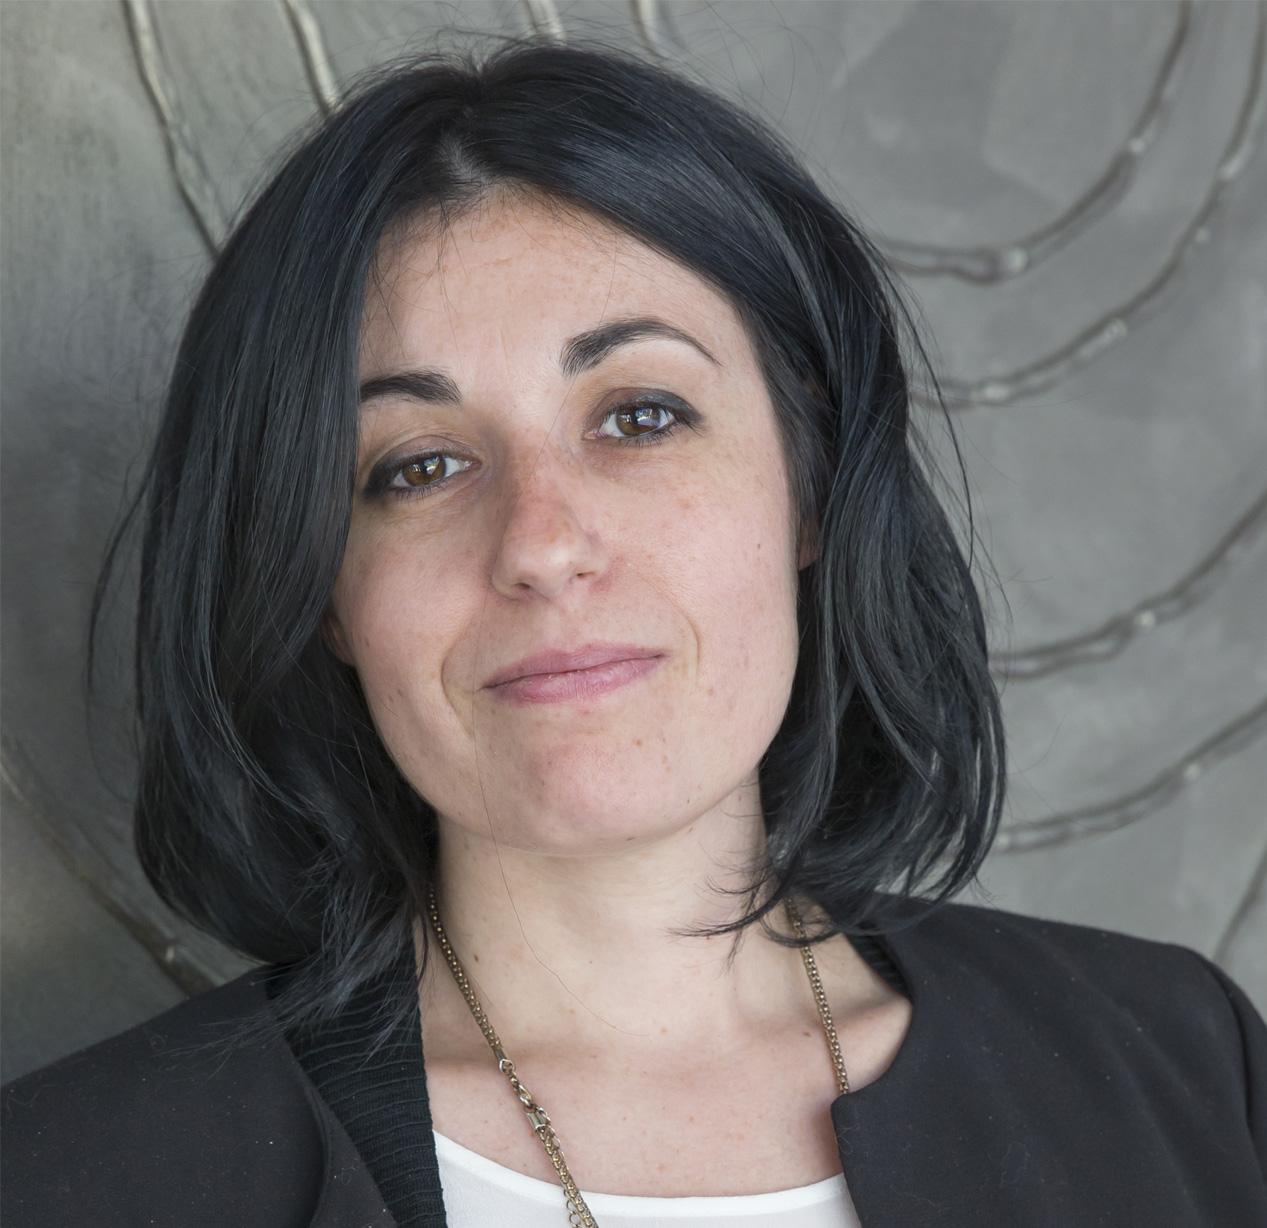 Avv. Mara Luraschi